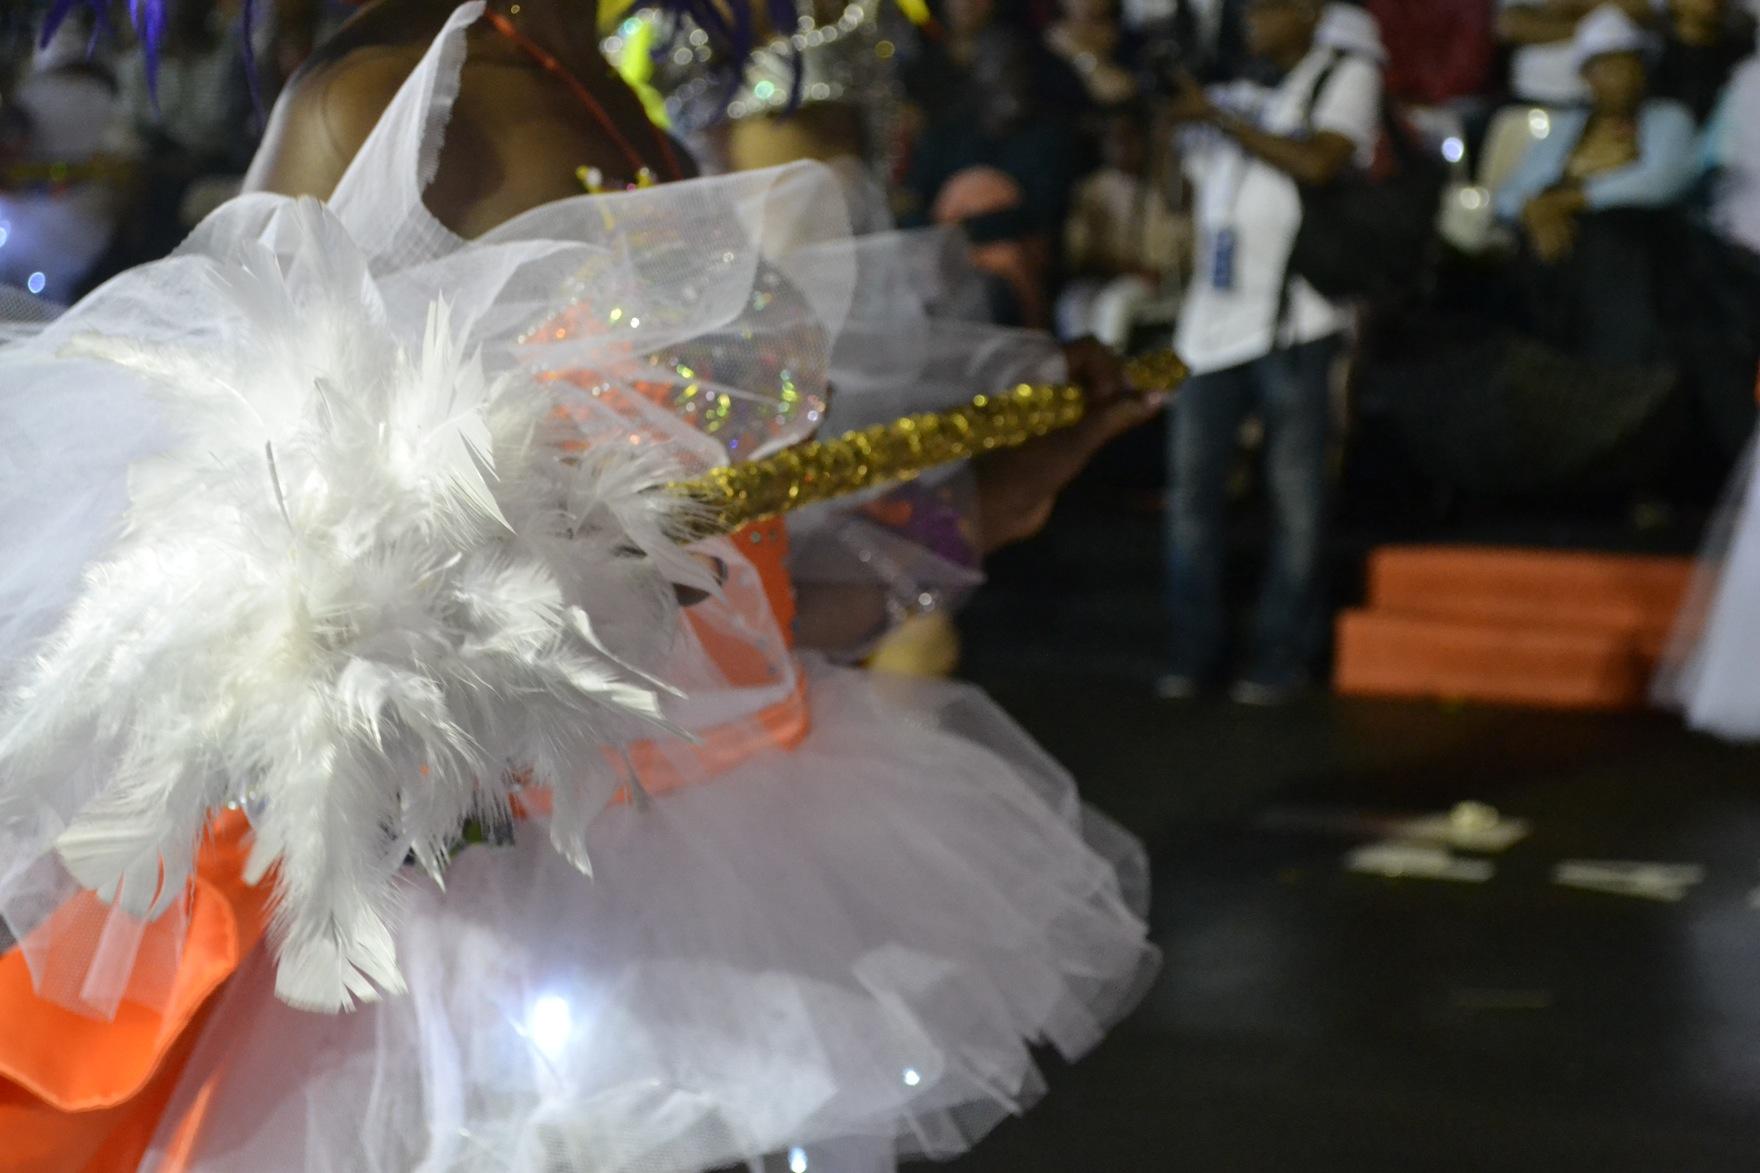 Magistral, La fée luciole, Lundi gras, Basse-Terre, 2017